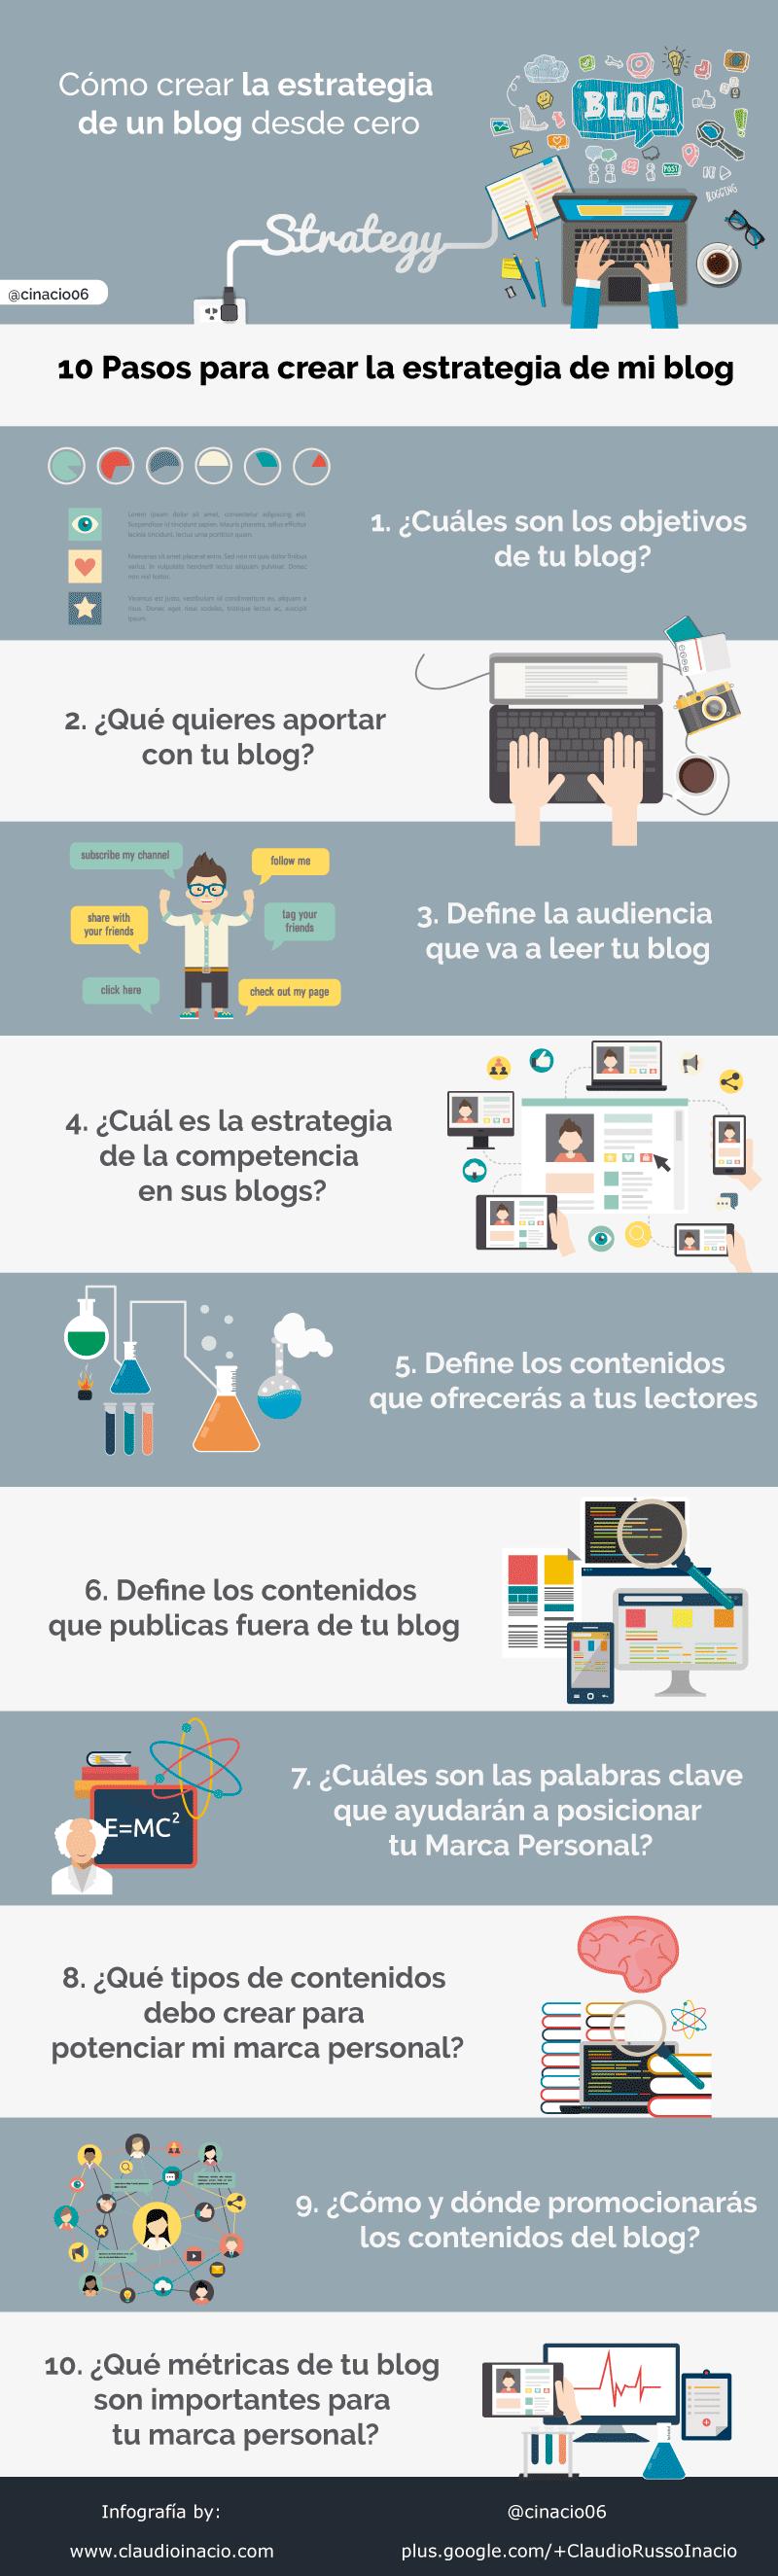 10 pasos para crear la estrategia de tu Blog